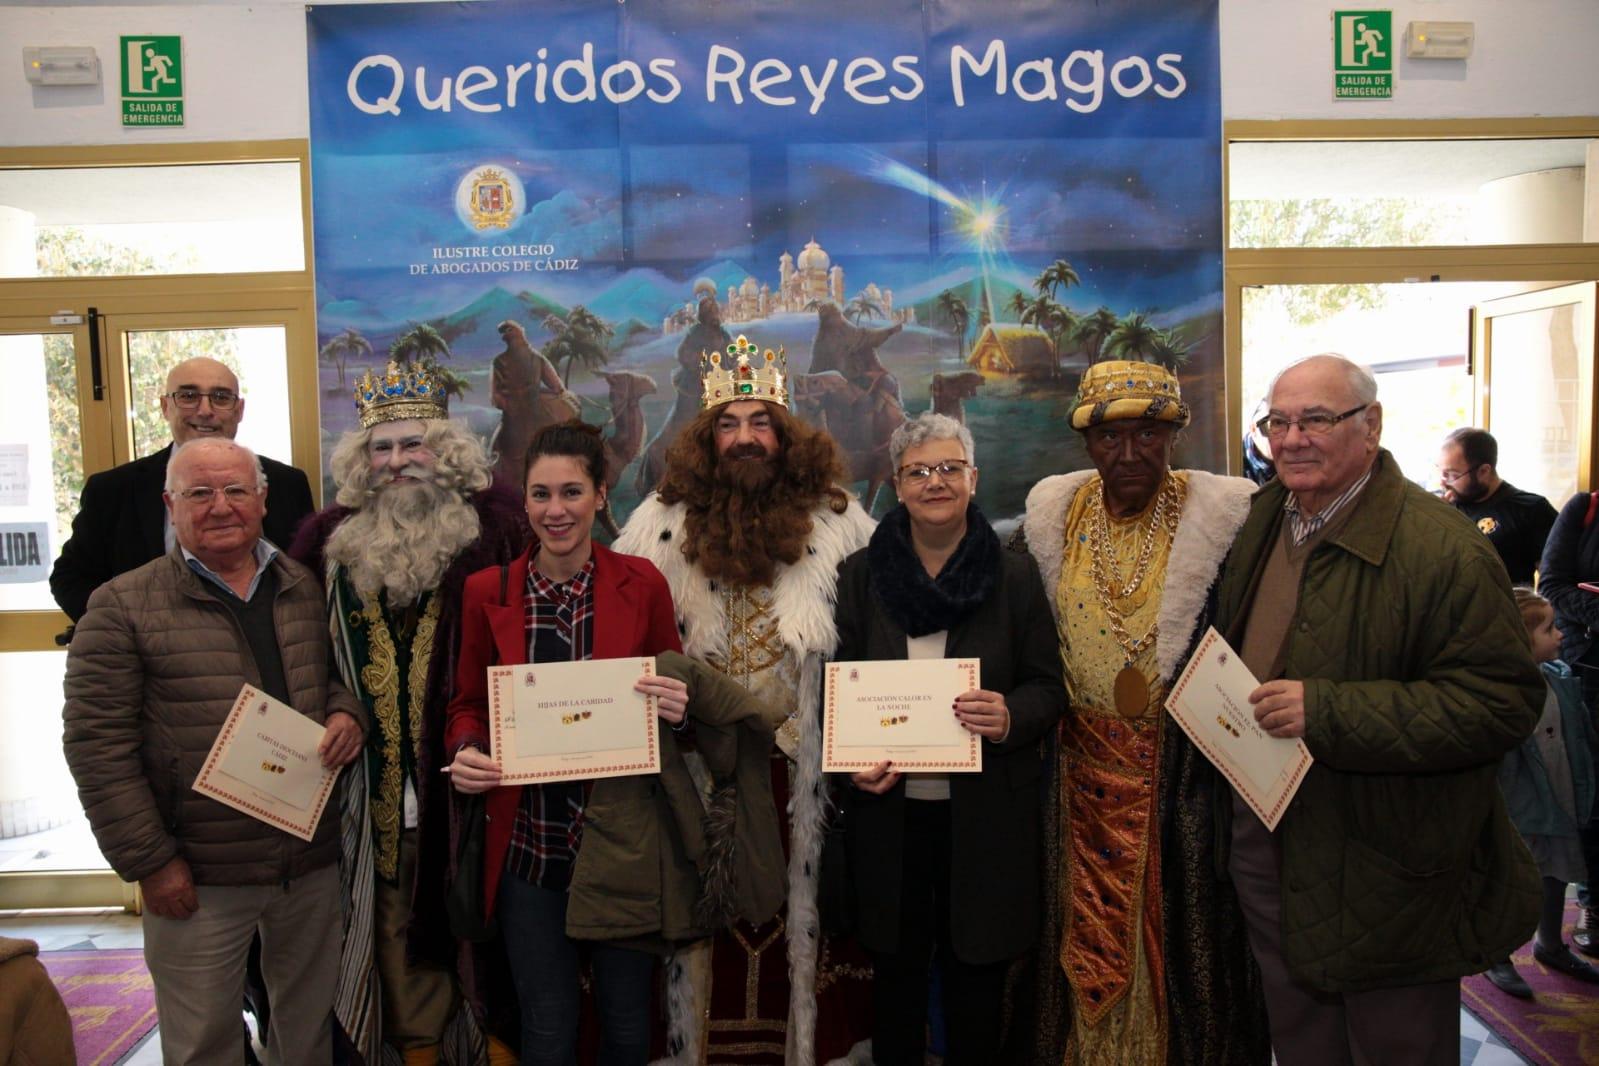 Los Reyes Magos Llenan De Ilusión El Colegio De Abogados Y Entregan El Donativo Simbólico De ICA A Entidades Sociales